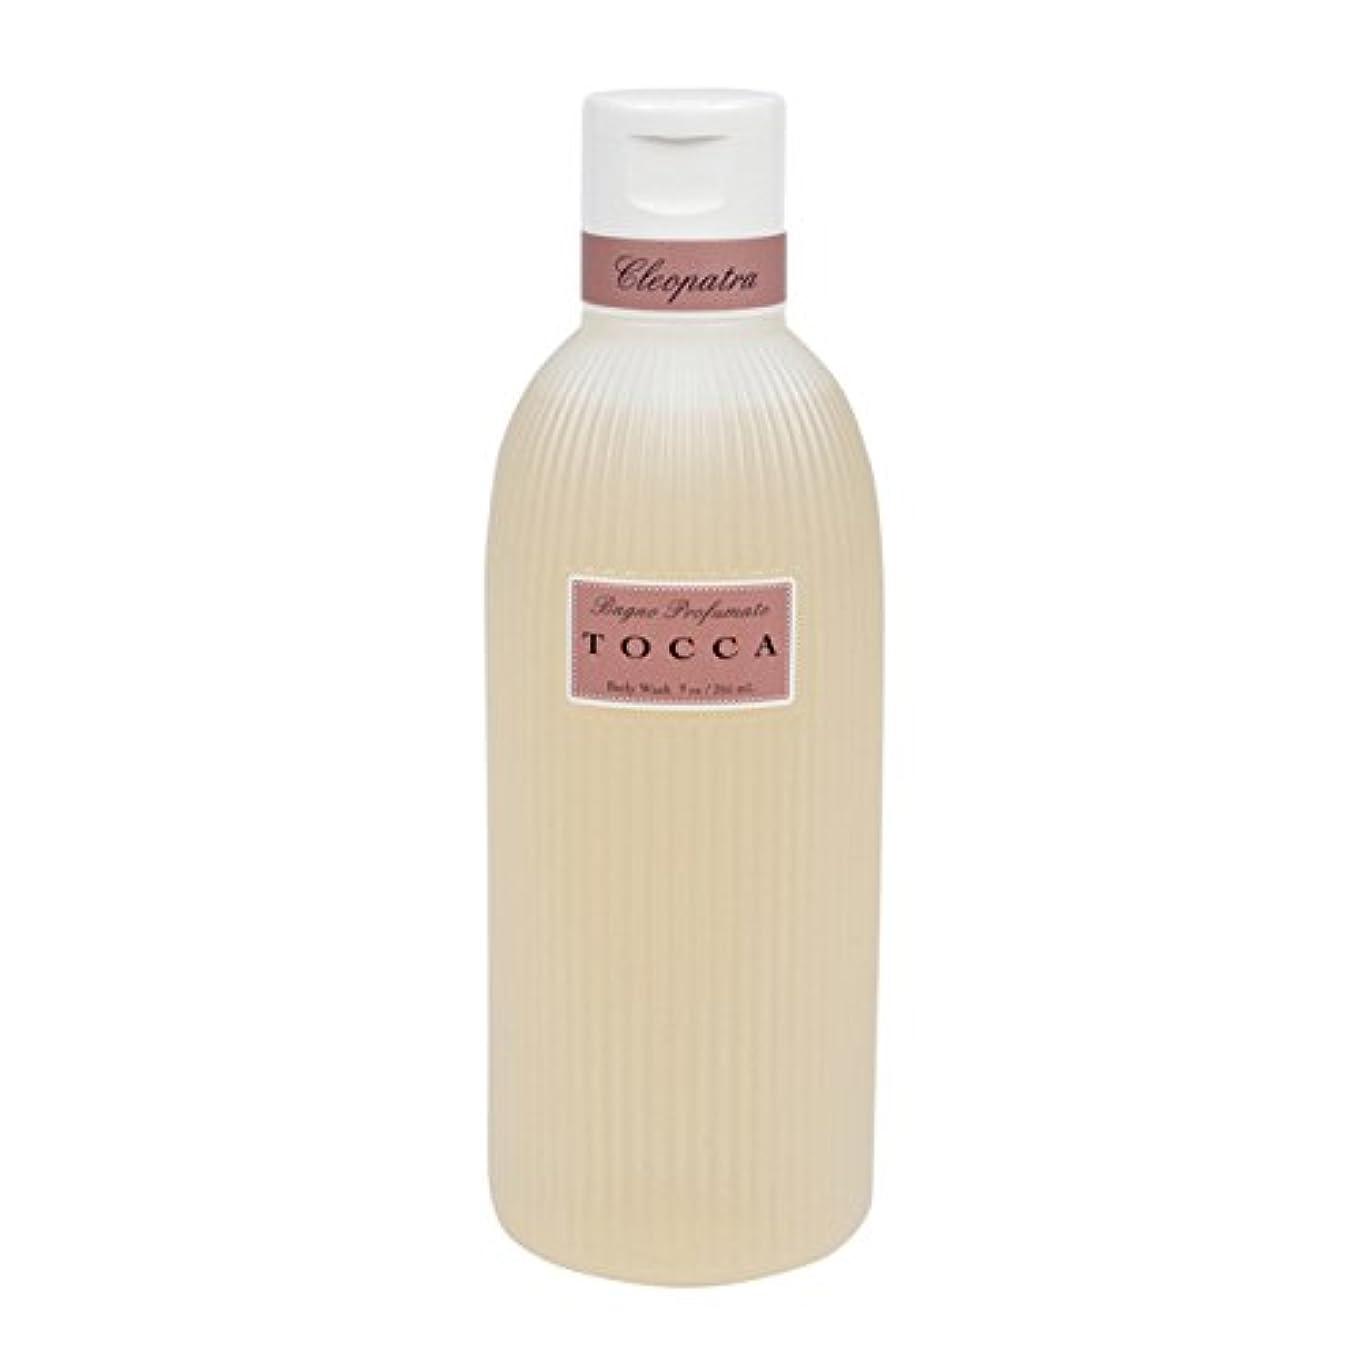 文字ジャンプビバトッカ(TOCCA) ボディーケアウォッシュ クレオパトラの香り 266ml(全身用洗浄料 ボディーソープ グレープフルーツとキューカンバーのフレッシュでクリーンな香り)